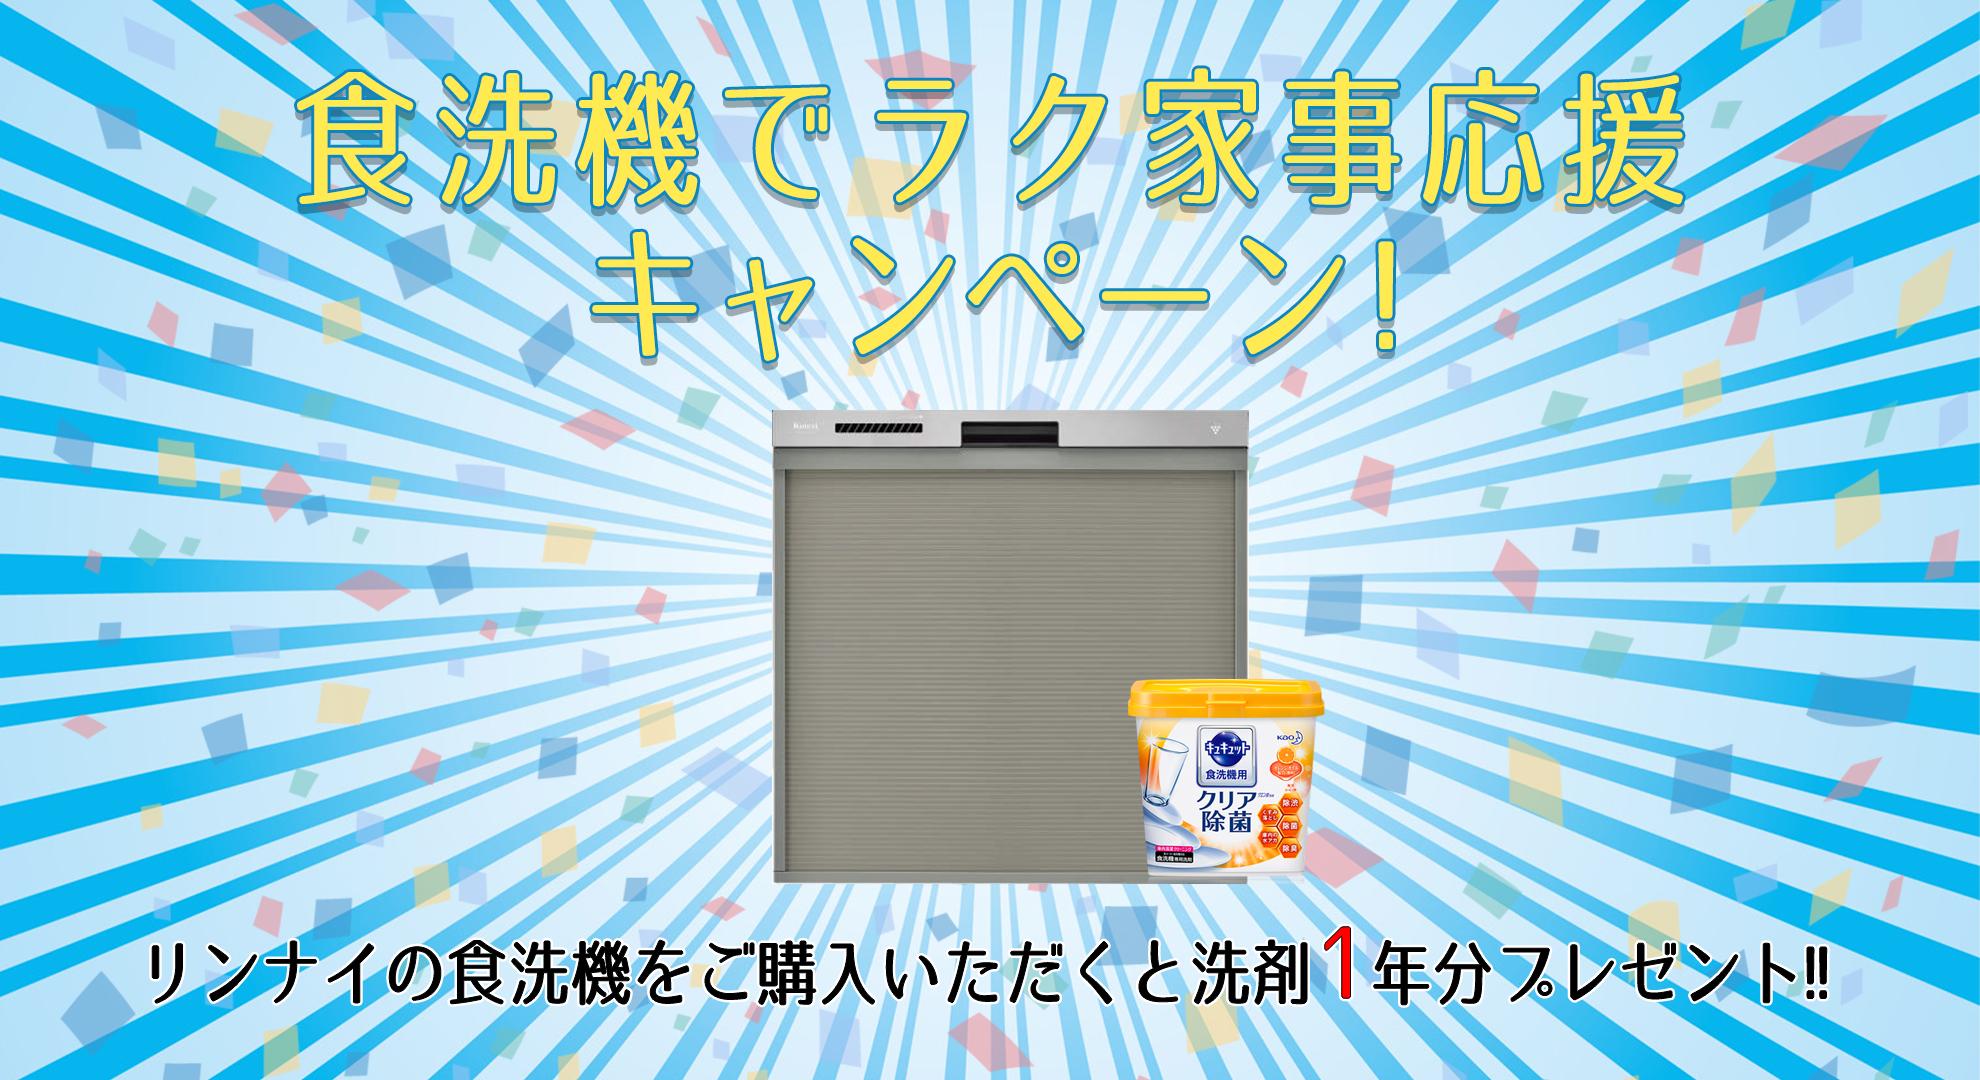 洗剤1年分がもらえる!食洗機でラク家事応援キャンペーン!!